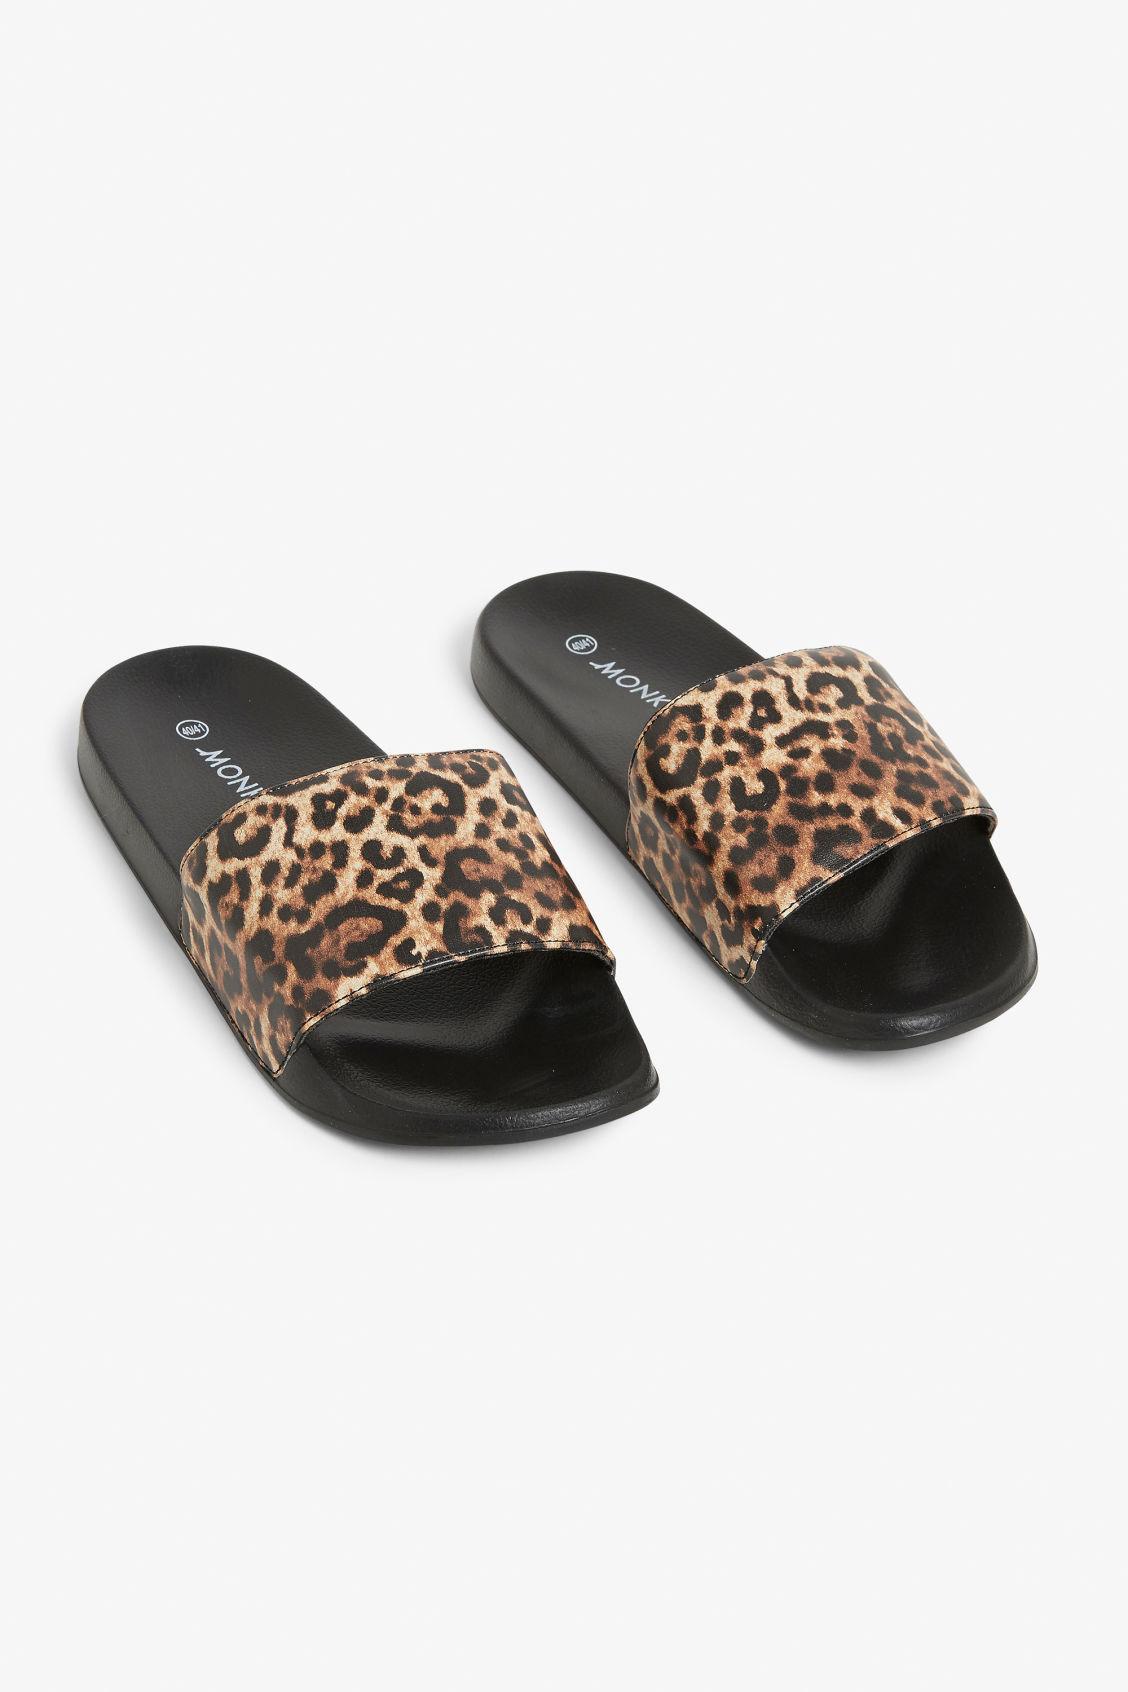 92c54605dc5 Beach sandals - Leopard print - Shoes - Monki